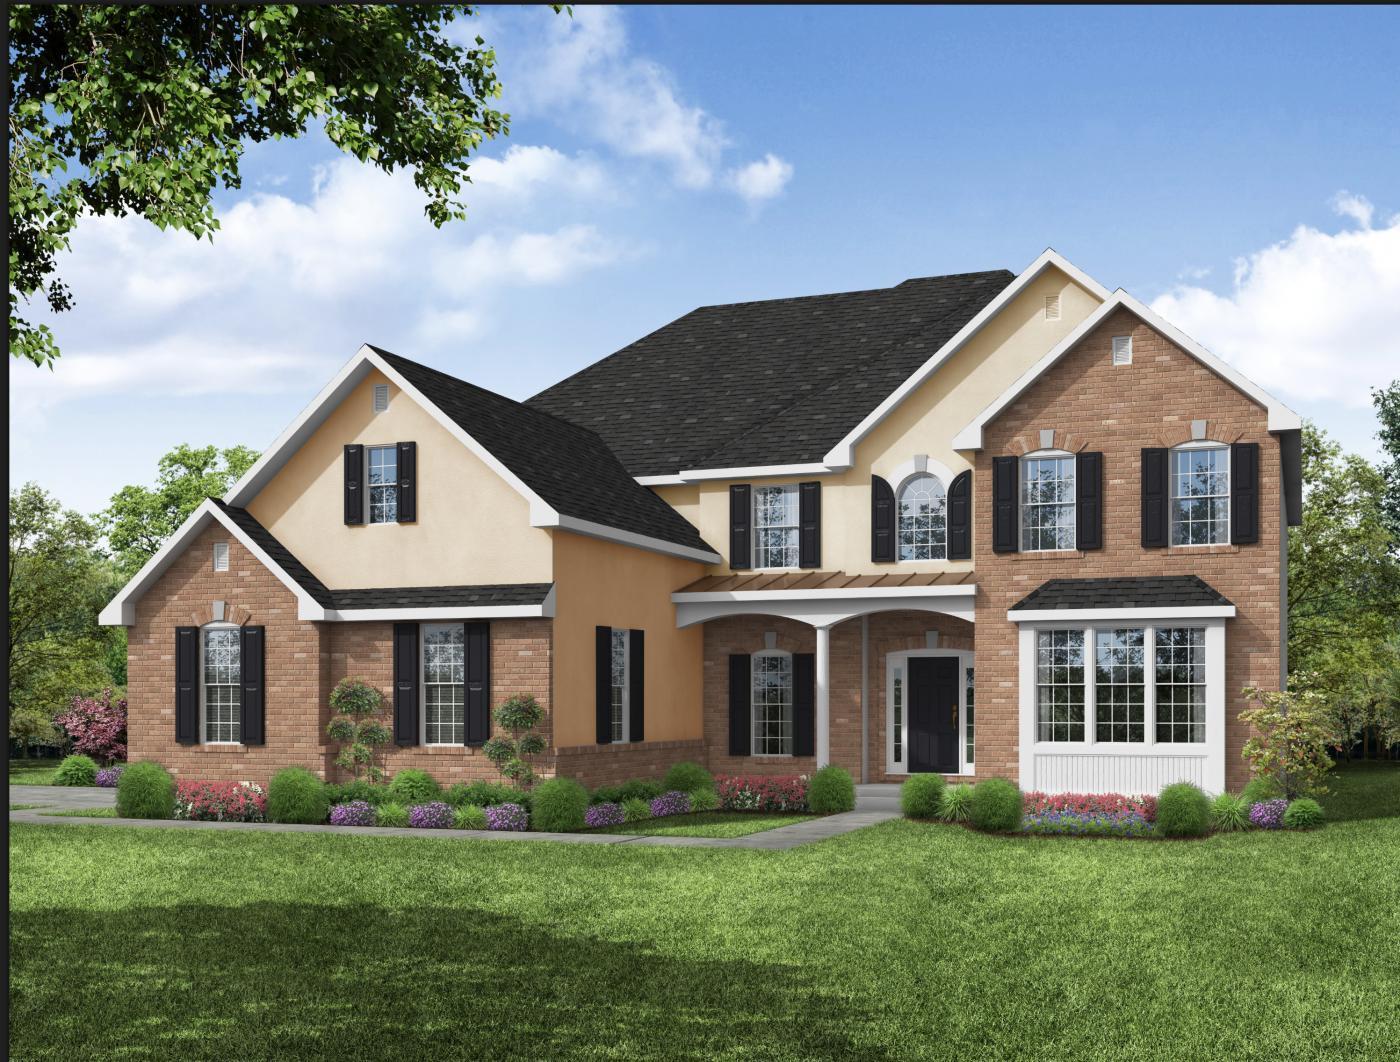 Unifamiliar por un Venta en Parkview Estates - Richmond 3 Car Garage 35 Saddle Lane Easton, Pennsylvania 18045 United States